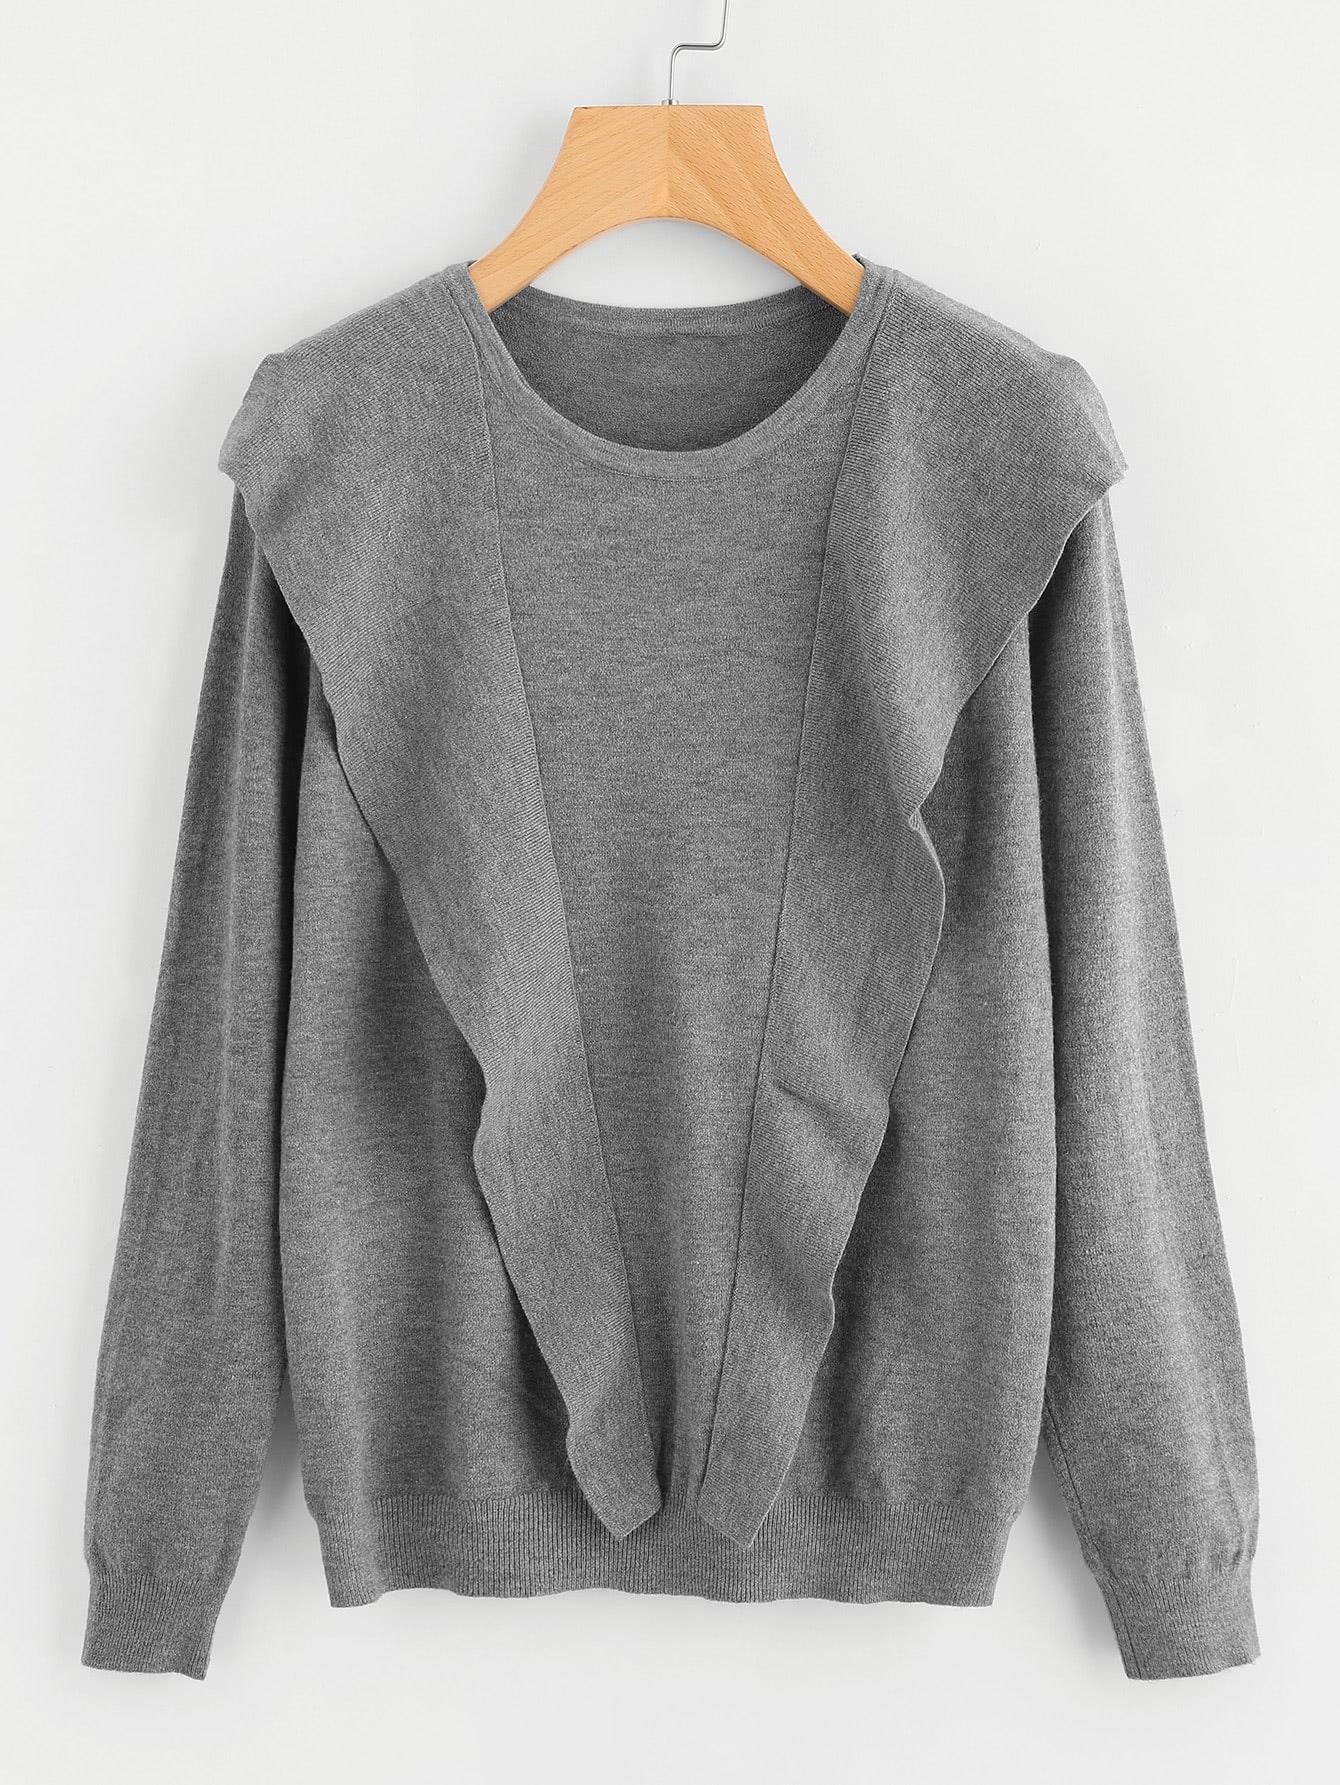 Frill Trim Knitwear sweater170728403